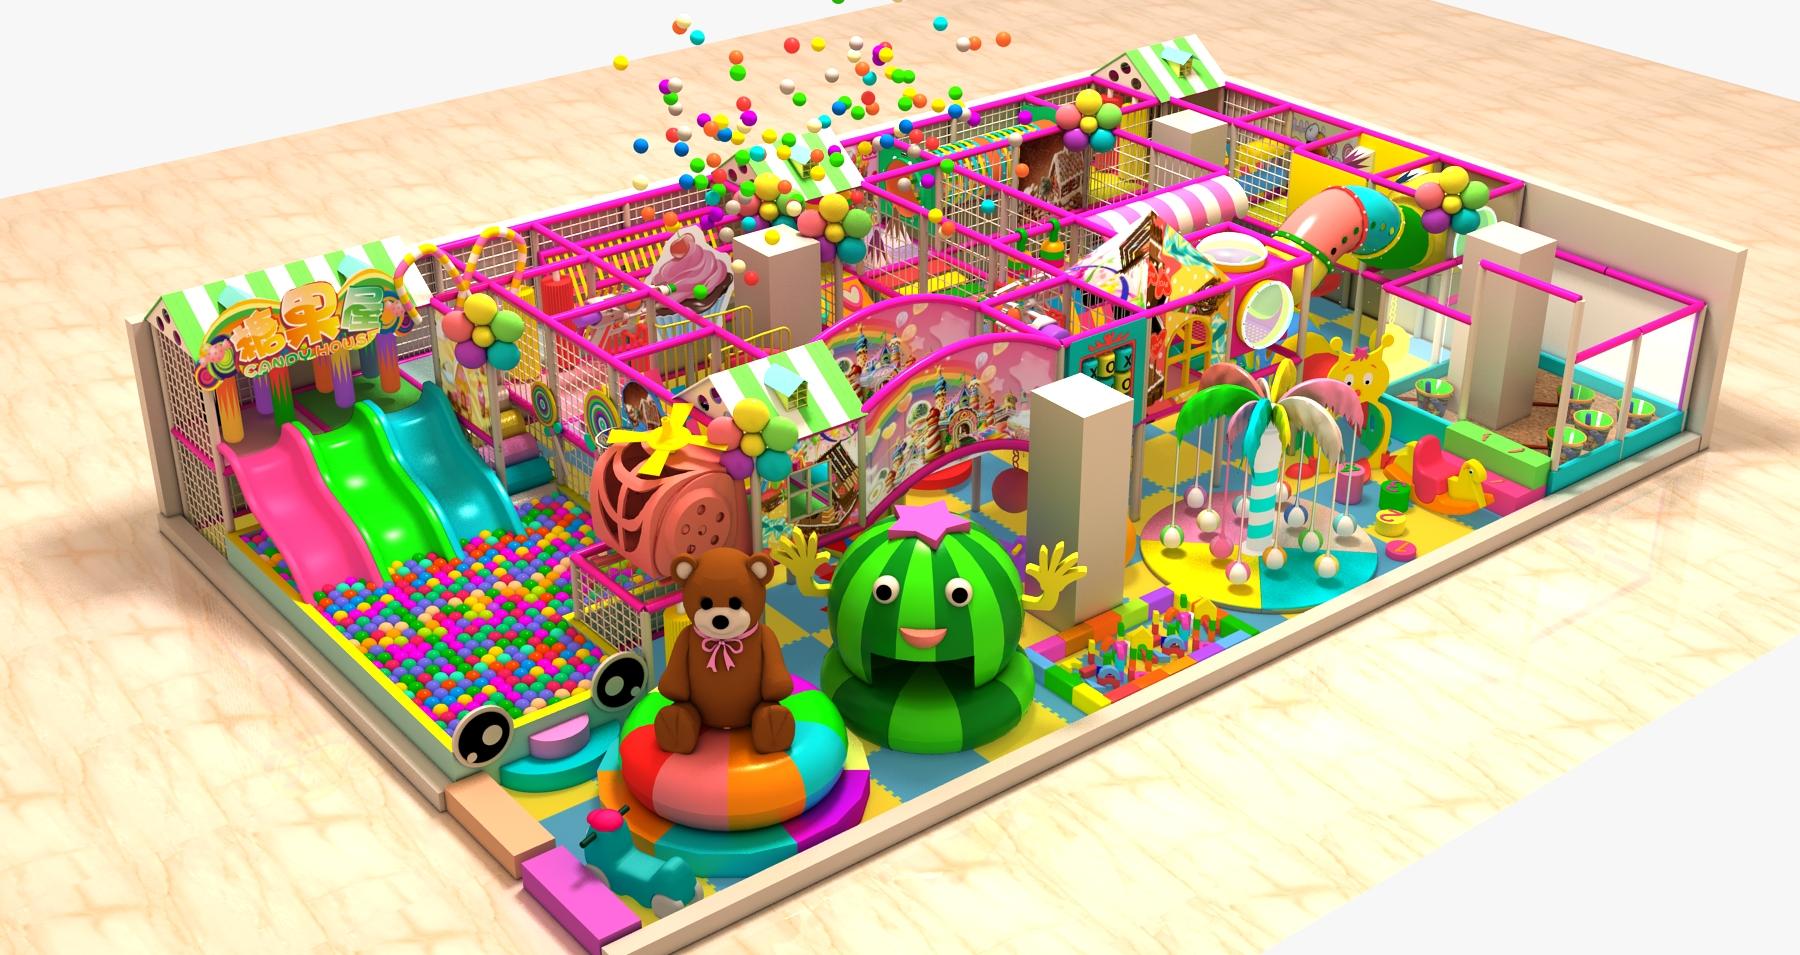 淘气堡   又称【孩子堡】,是根据儿童喜欢的特征设计,通过科学的立体组合,形成的一个集游乐、运动、益智 、健身等功能为一体的新一代少年儿童活动中心。可以说它是一座新型的、综合性极强的儿童乐园,是针对儿童喜欢钻、爬、滑、滚、晃、荡、跳、摇等天性设计的。儿童在玩的同时能培养独立的个性、锻炼身体、健脑益智。淘气堡无论是户内外,还是不规则的场地,均能安装,管理简单,无动力设备,维修方便。淘气堡具有随意性、无动力、互动性和安全性的特点,随意性指的是它不受场地的限制,无动力性指淘气堡无需任何动力装置即可运营,无形之中